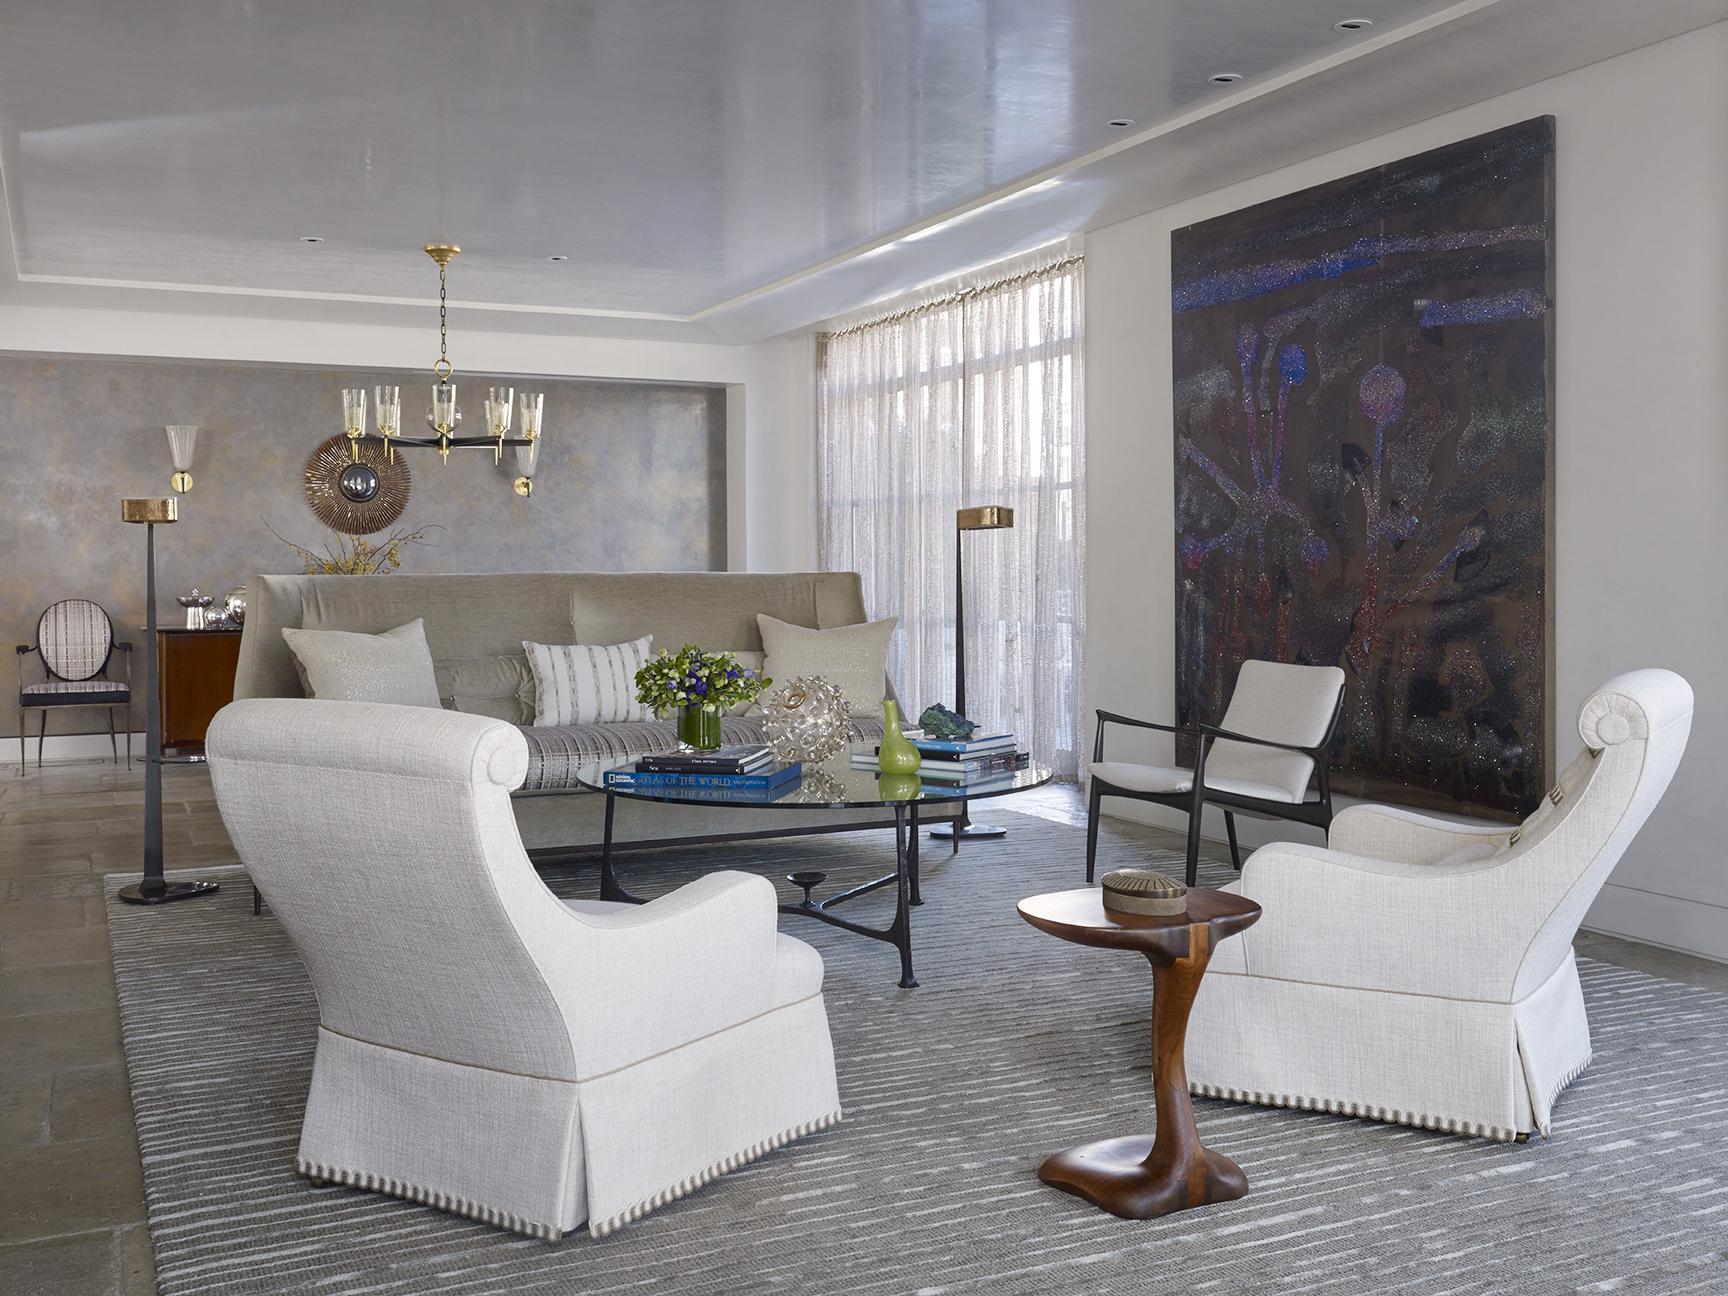 LUXE_121 W21_Living Room_2_photo Peter Murdock.jpg